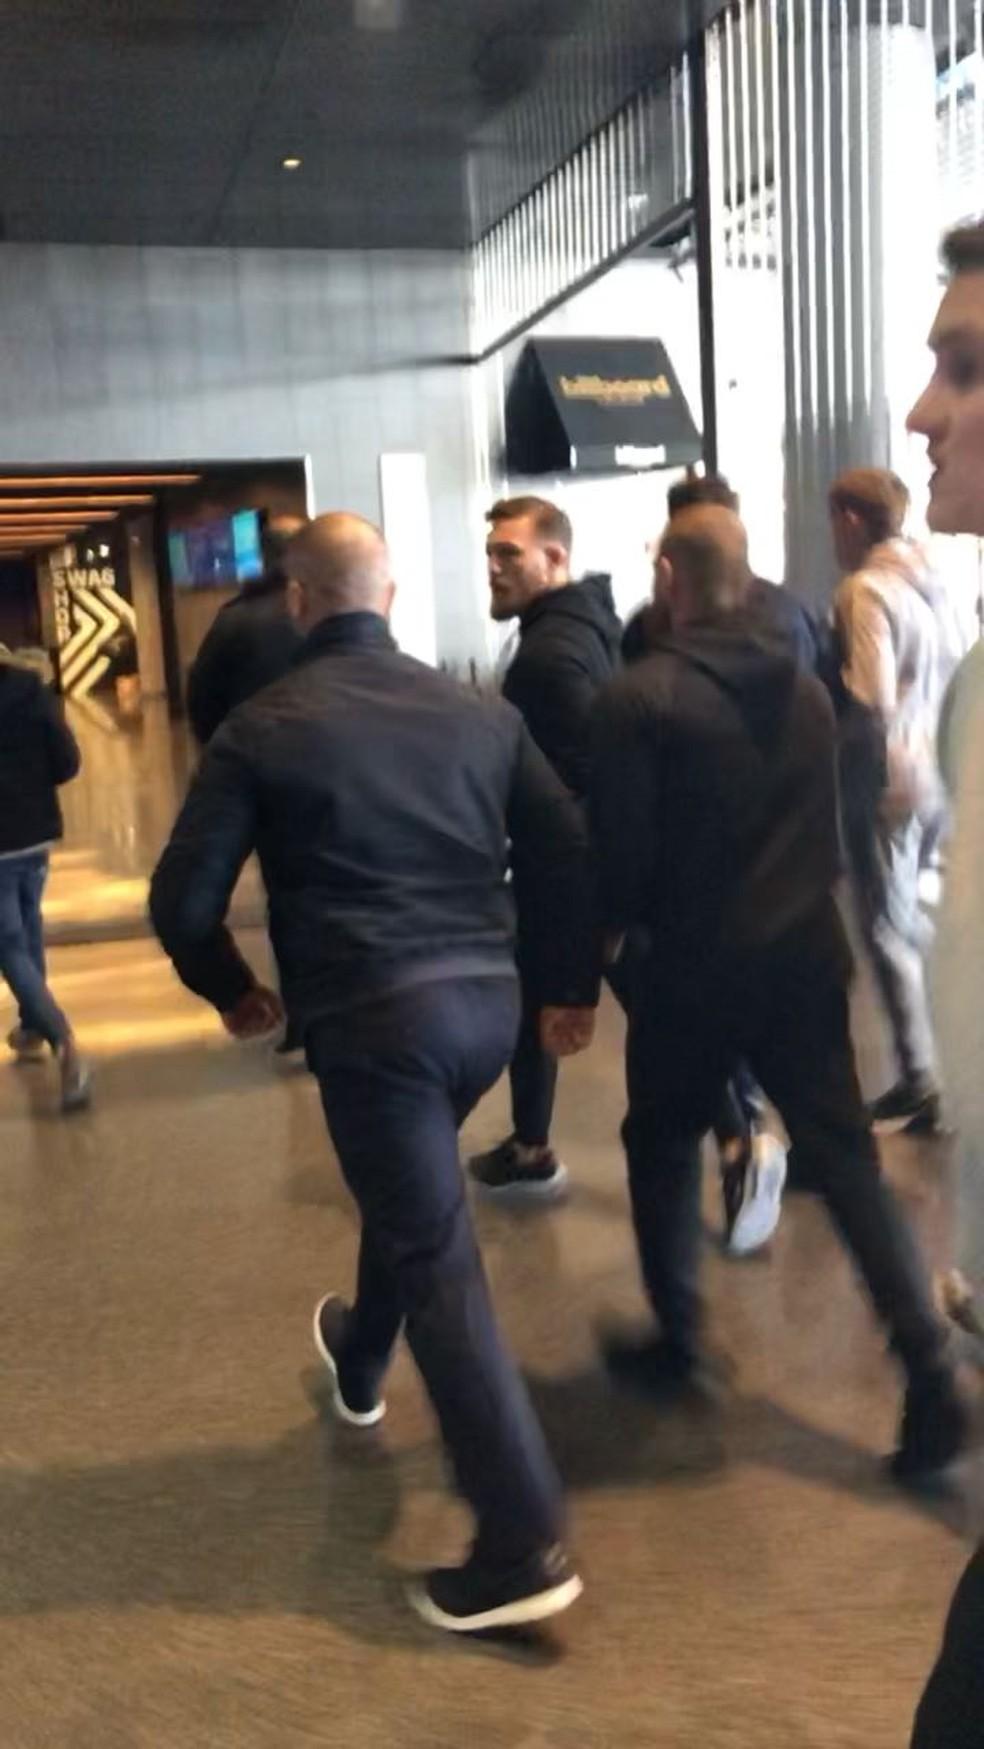 Conor McGregor invadiu o Barclays Center e atacou um ônibus do UFC em Nova York (Foto: Reprodução)